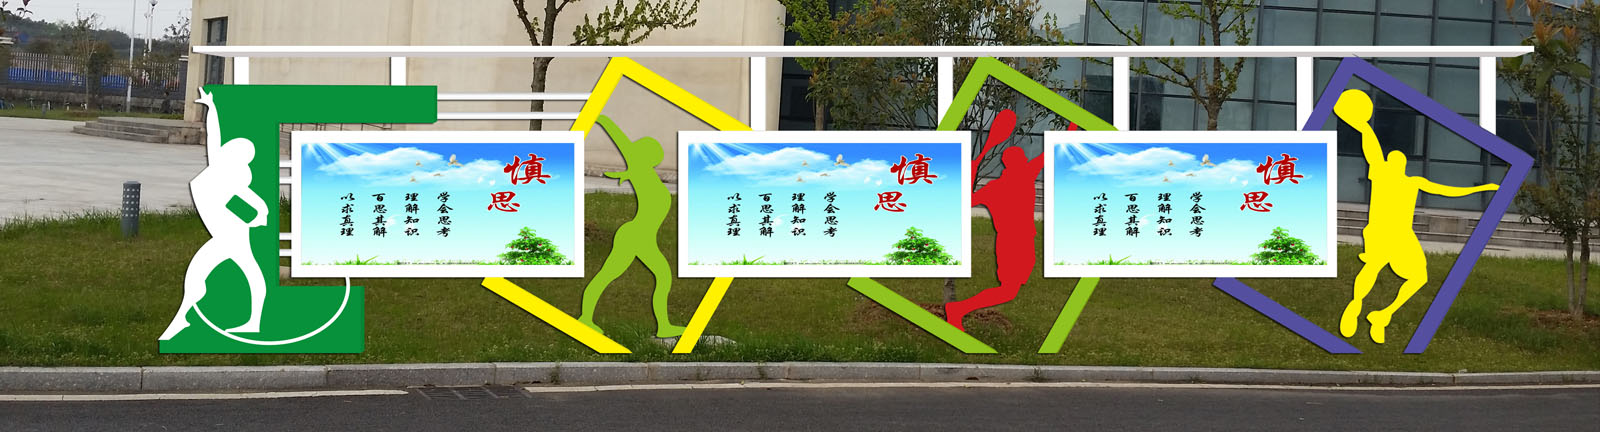 邯郸公交候车亭